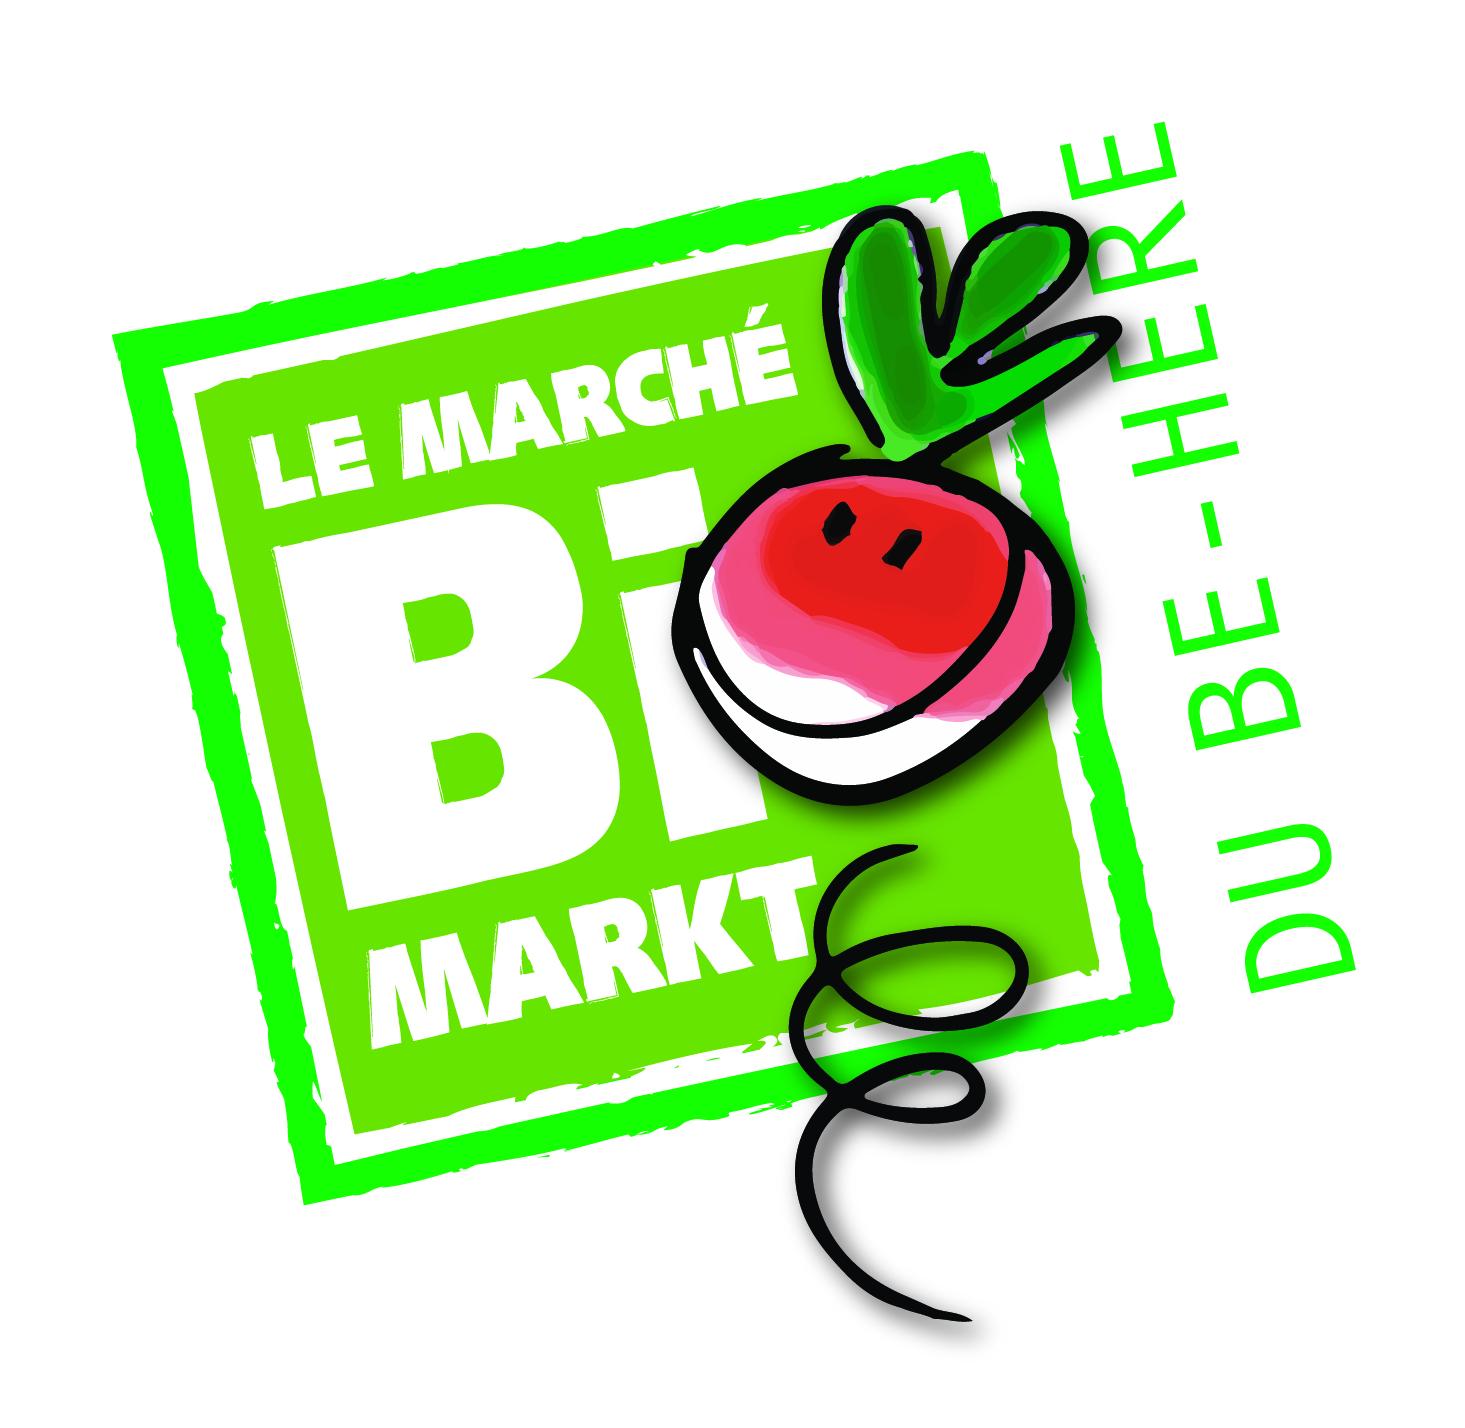 MArché bio Markt Logo